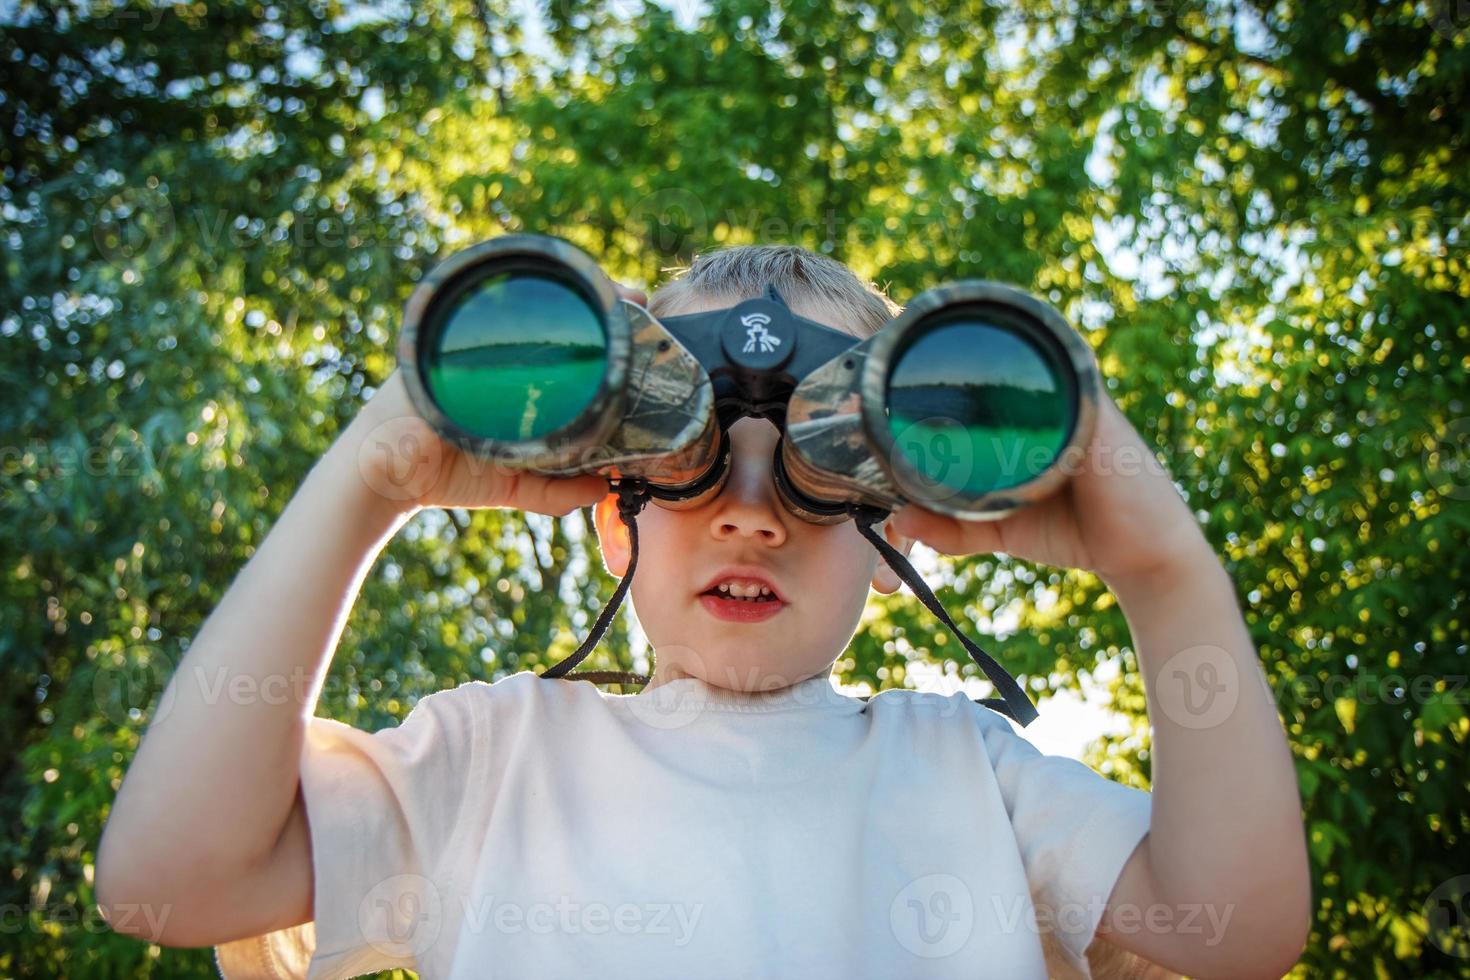 ragazzino guardando attraverso il binocolo foto